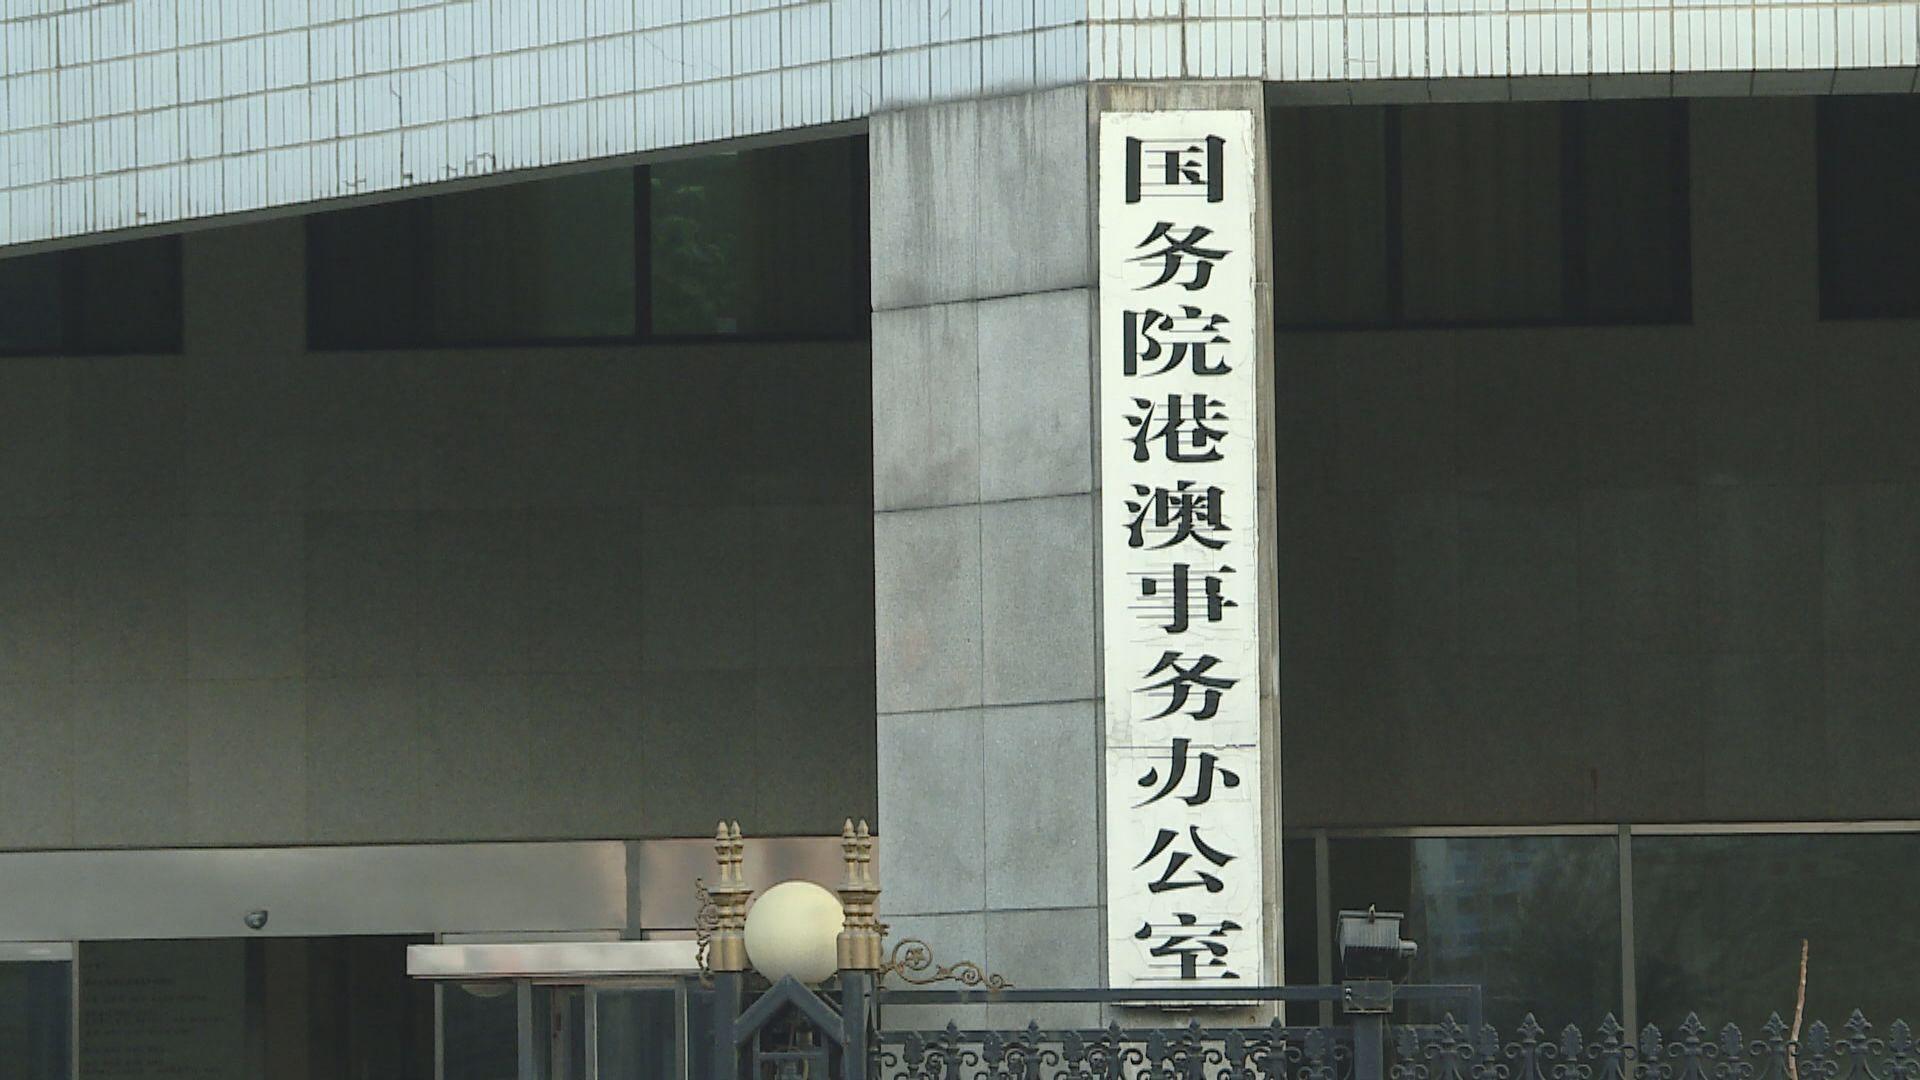 特區政府支持外交部清單 羅列美國干預香港事務惡行